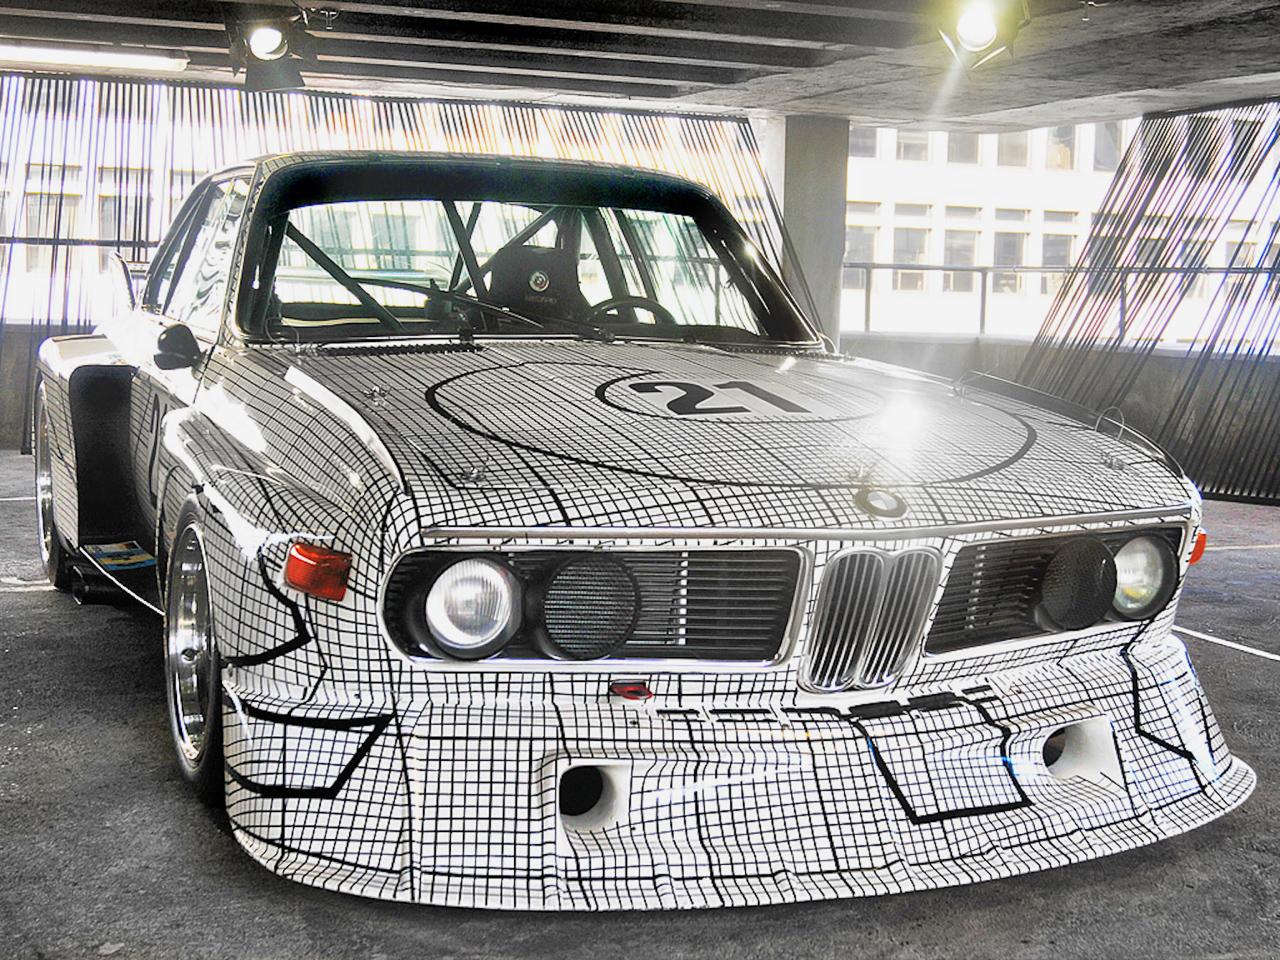 BMW 3.2 CSL TURBO GROUPE 5 – 6 en ligne sauce escargots ! 34